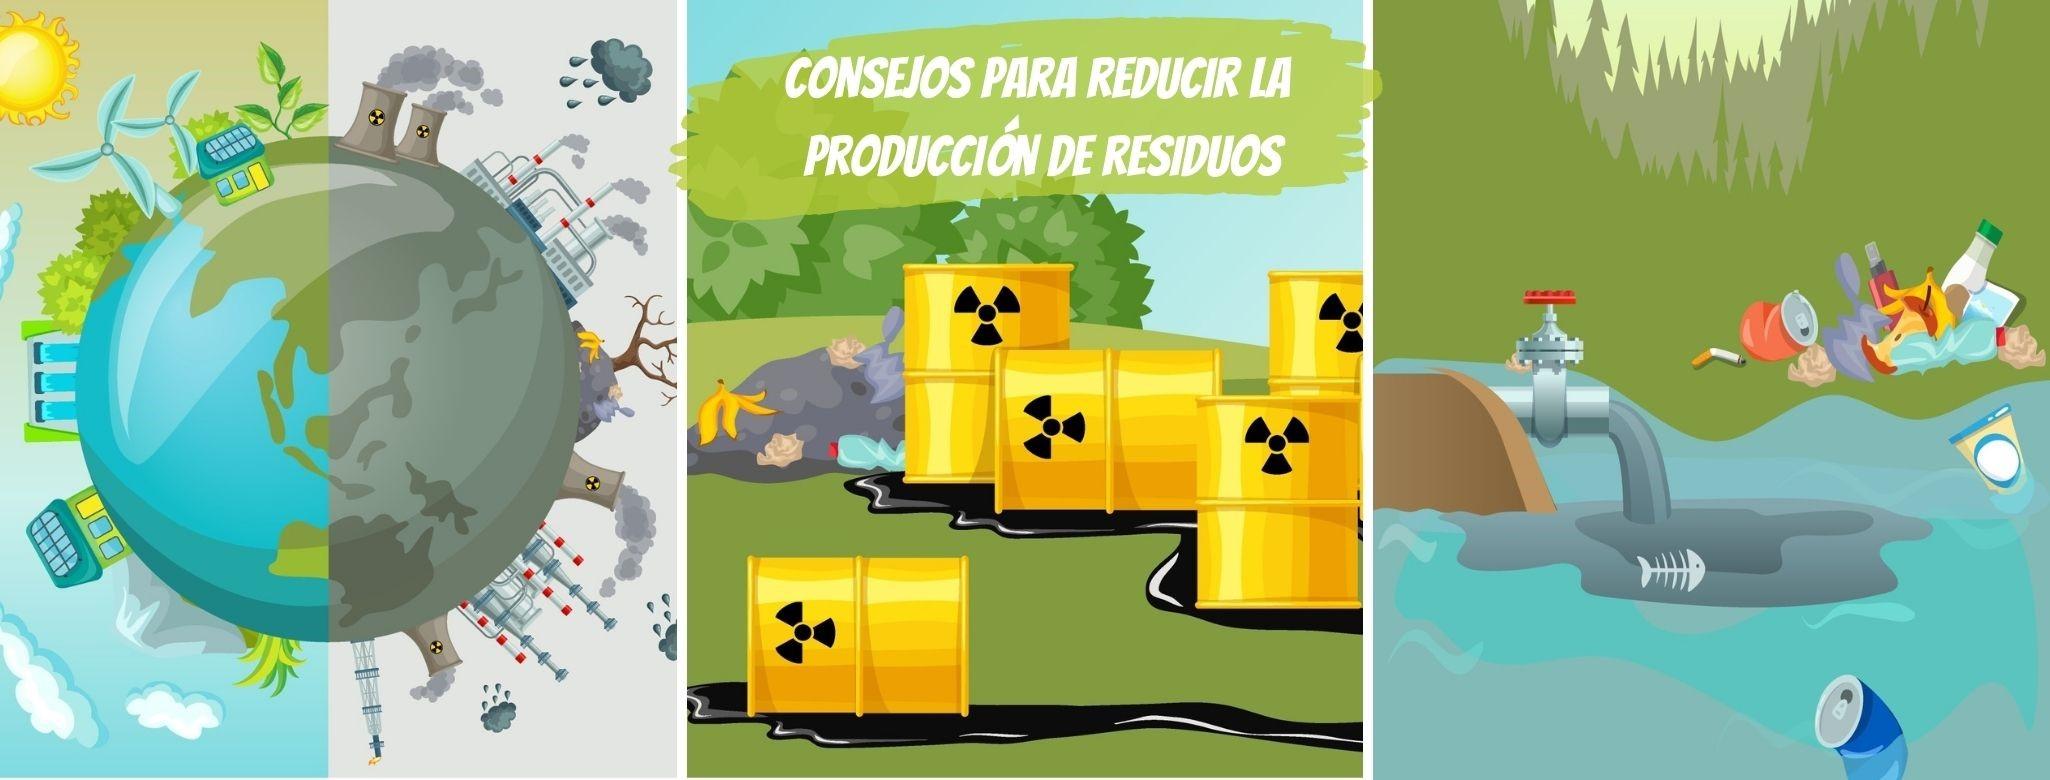 Consejos para disminuir la producción de residuos industriales y peligrosos